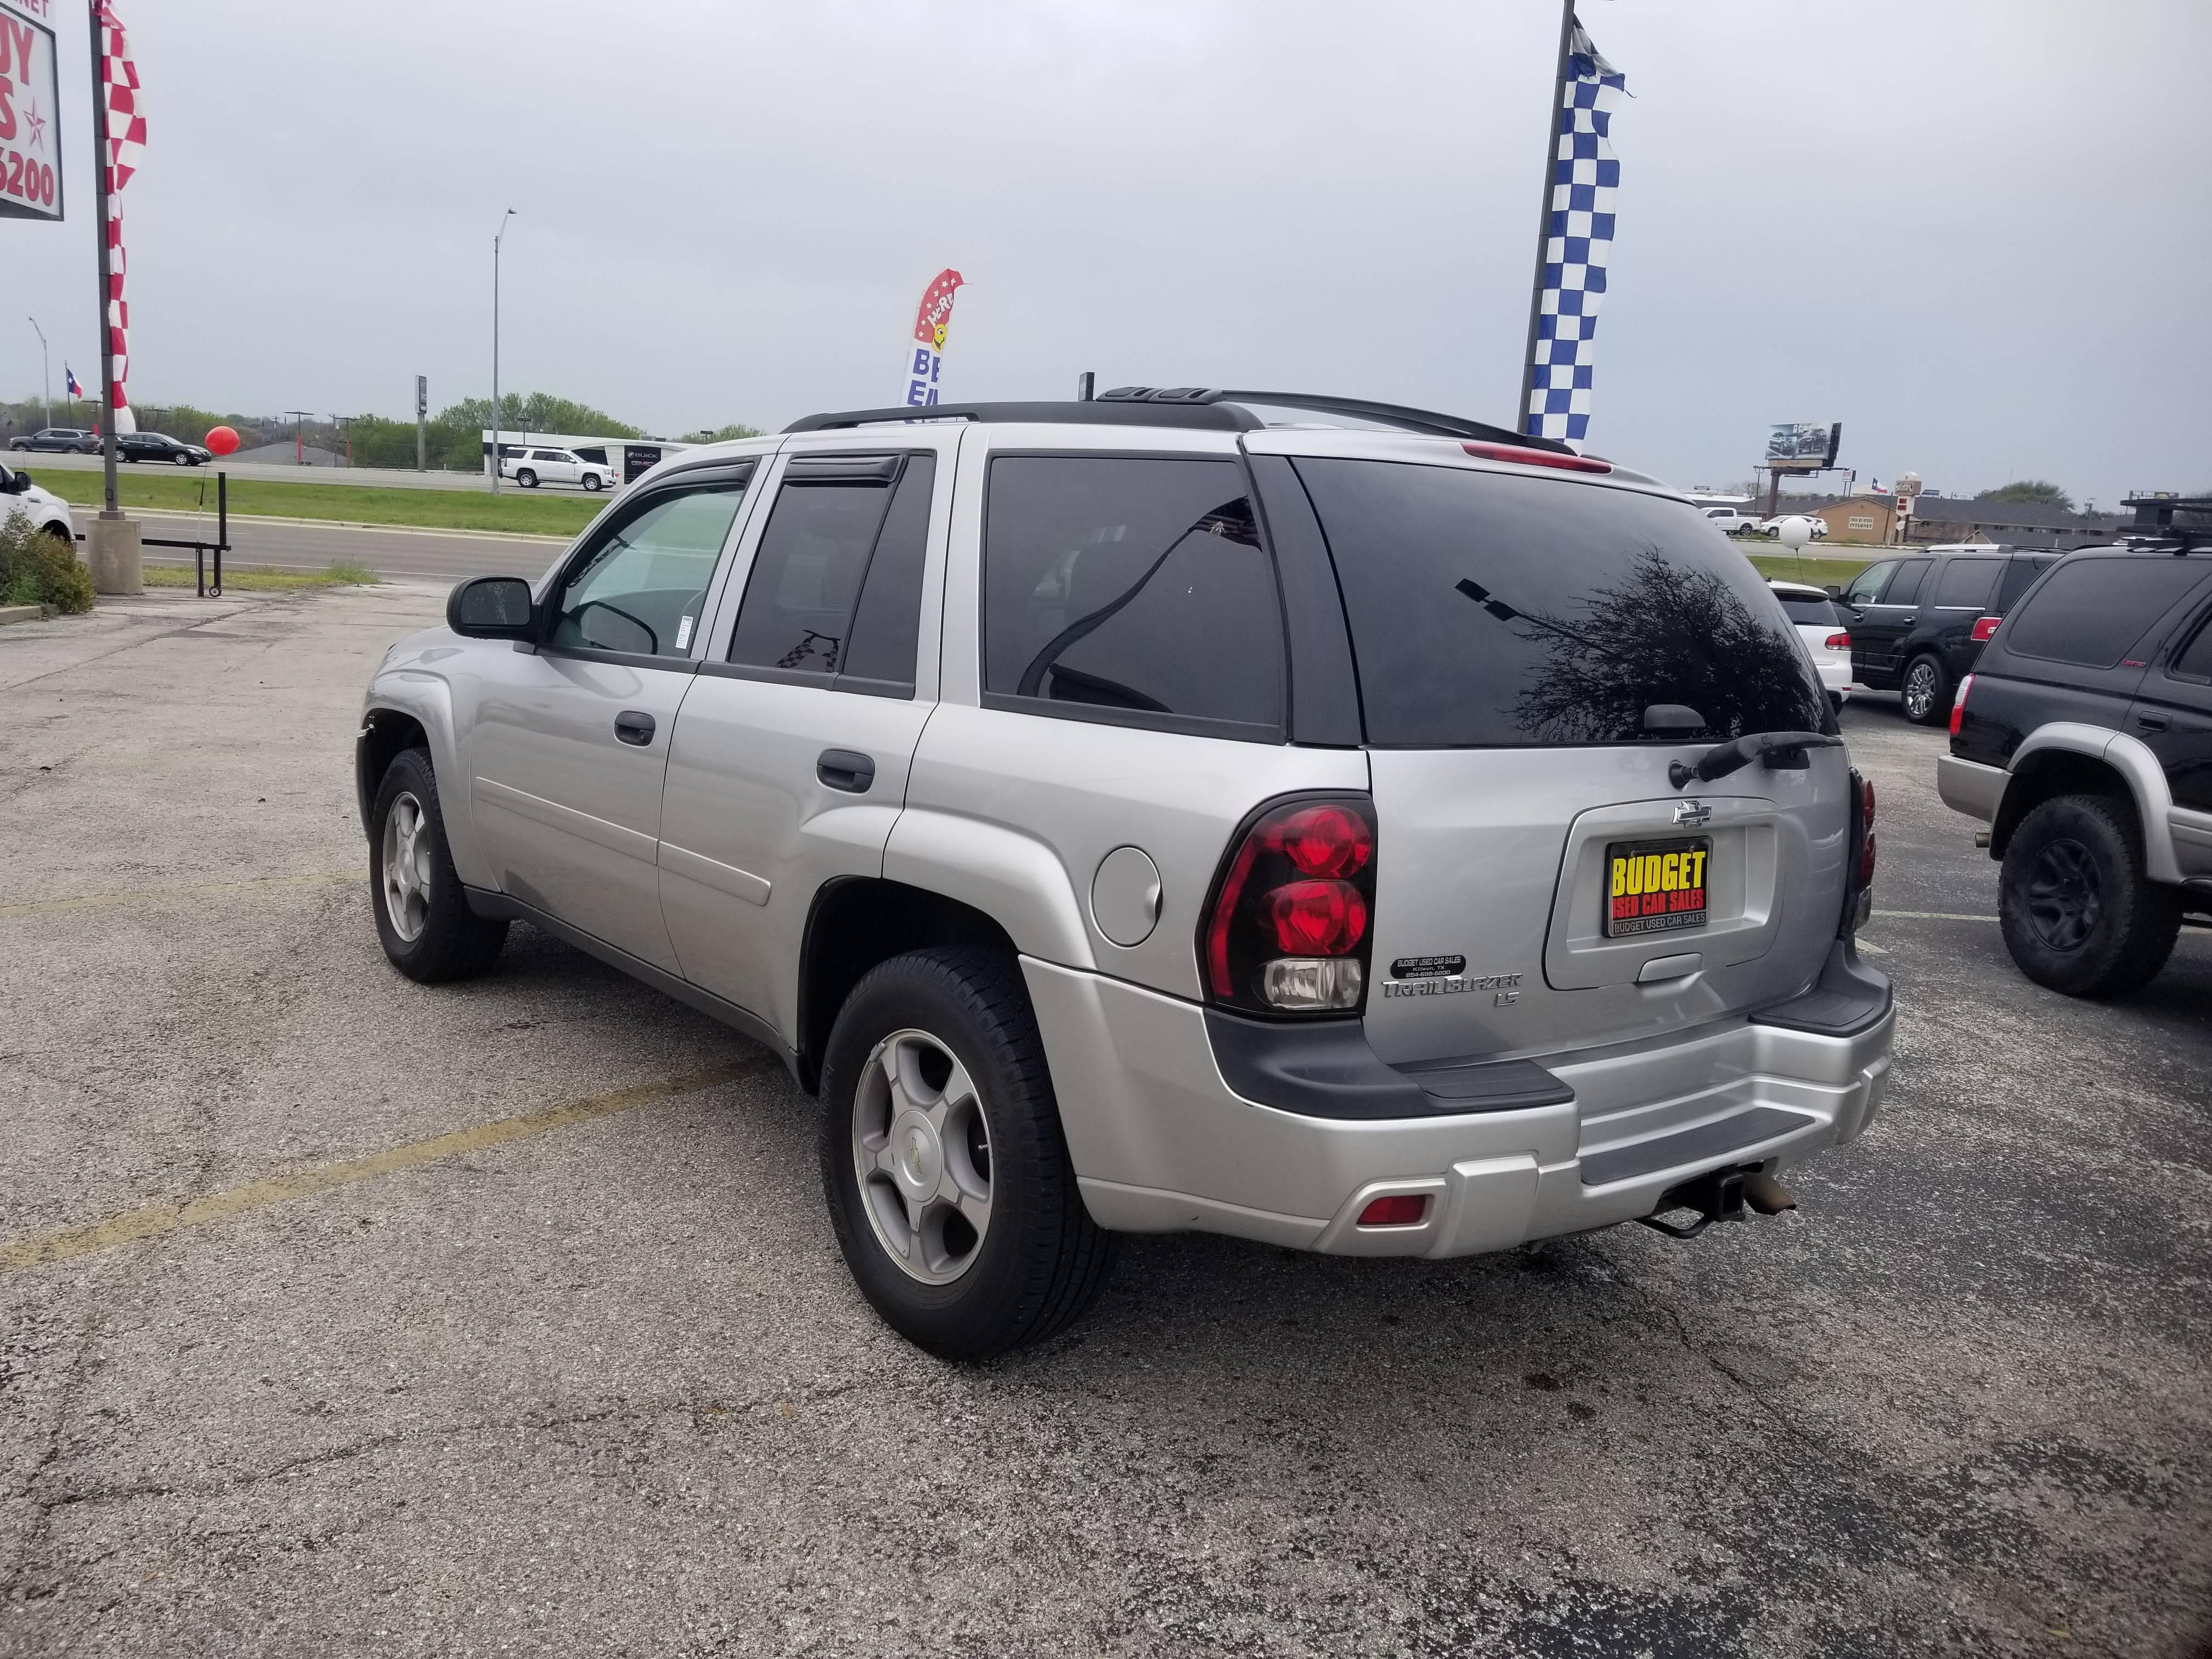 used vehicle - SUV Chevrolet TrailBlazer 2008